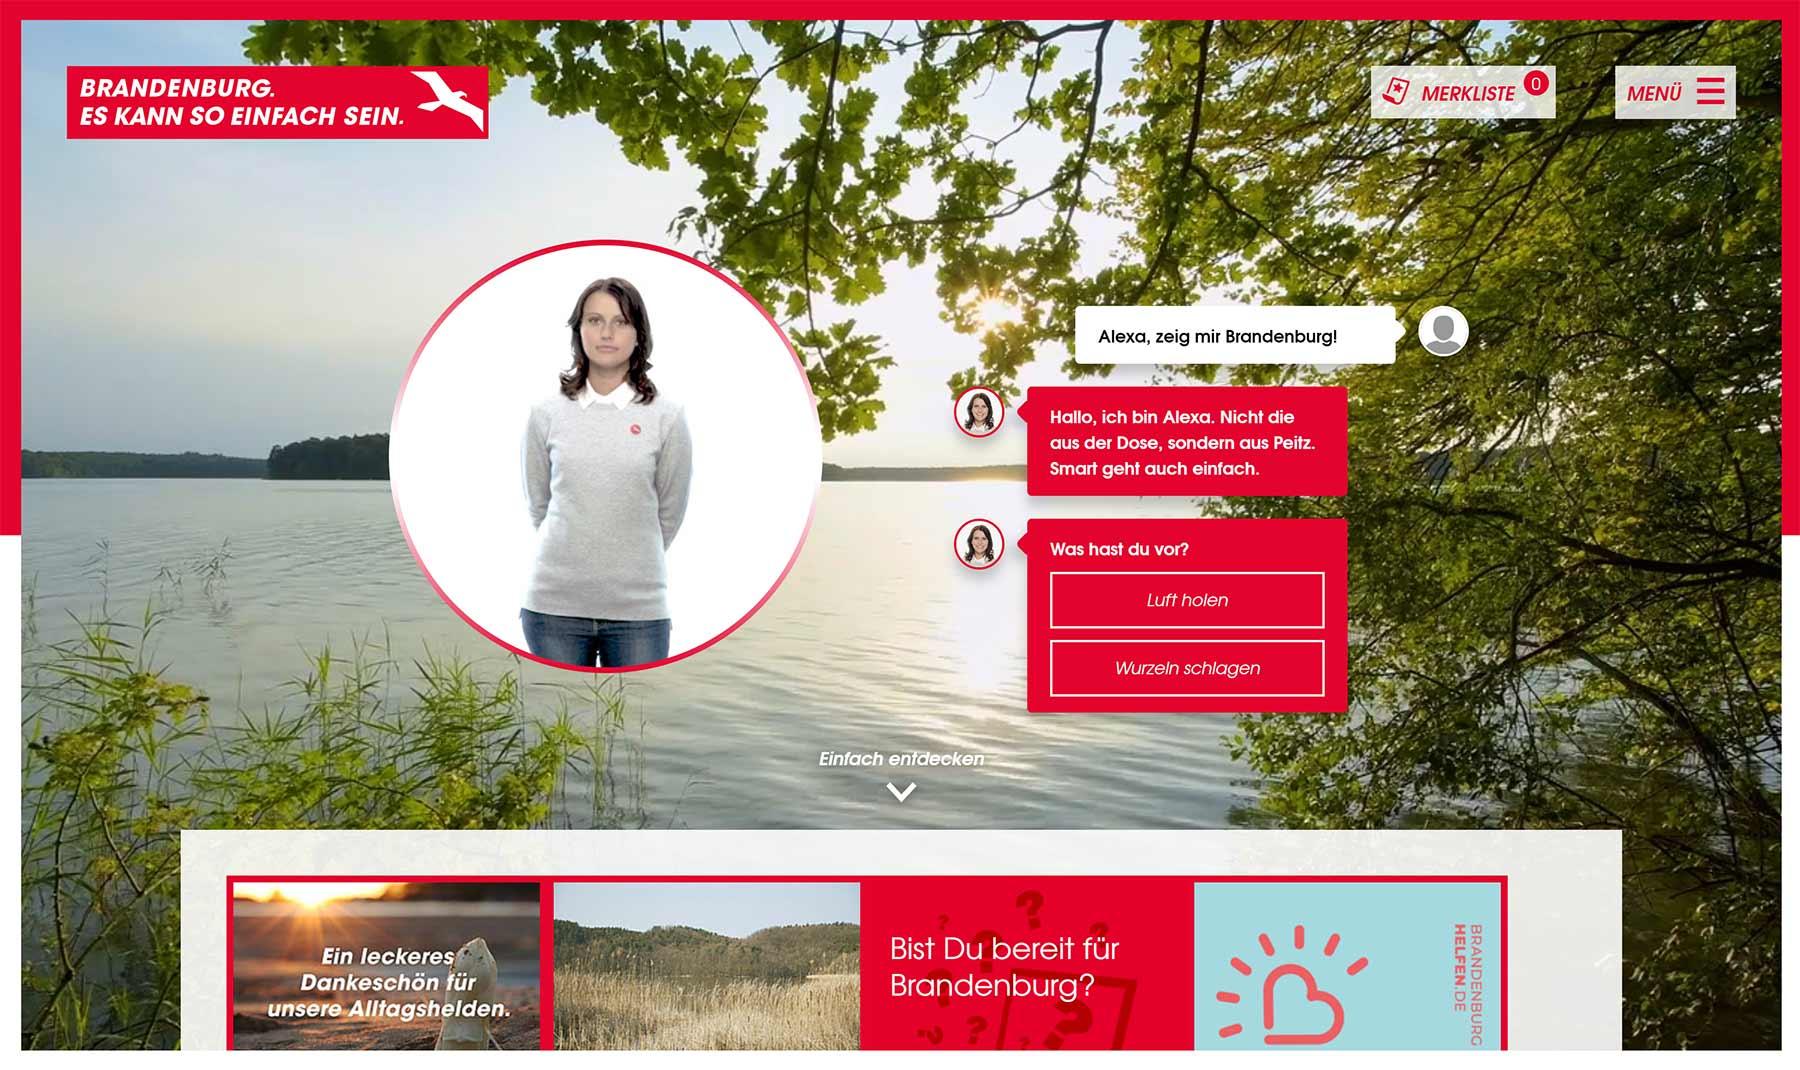 Social Distancing gibt es in Brandenburg schon von Natur aus brandenburg-es-kann-so-einfach-sein-social-distancing_02